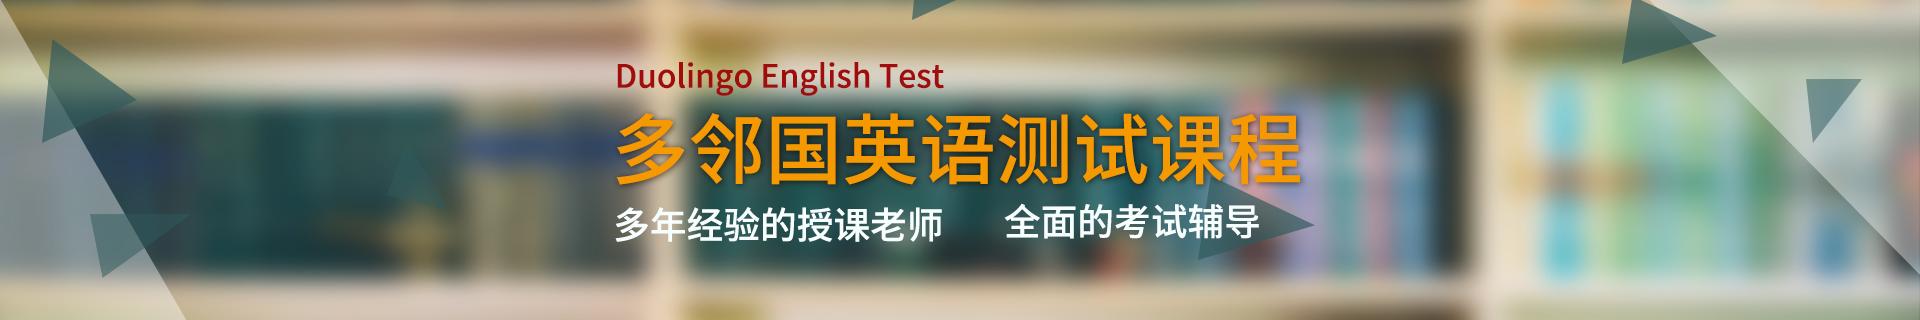 武汉青少南湖新航道英语培训